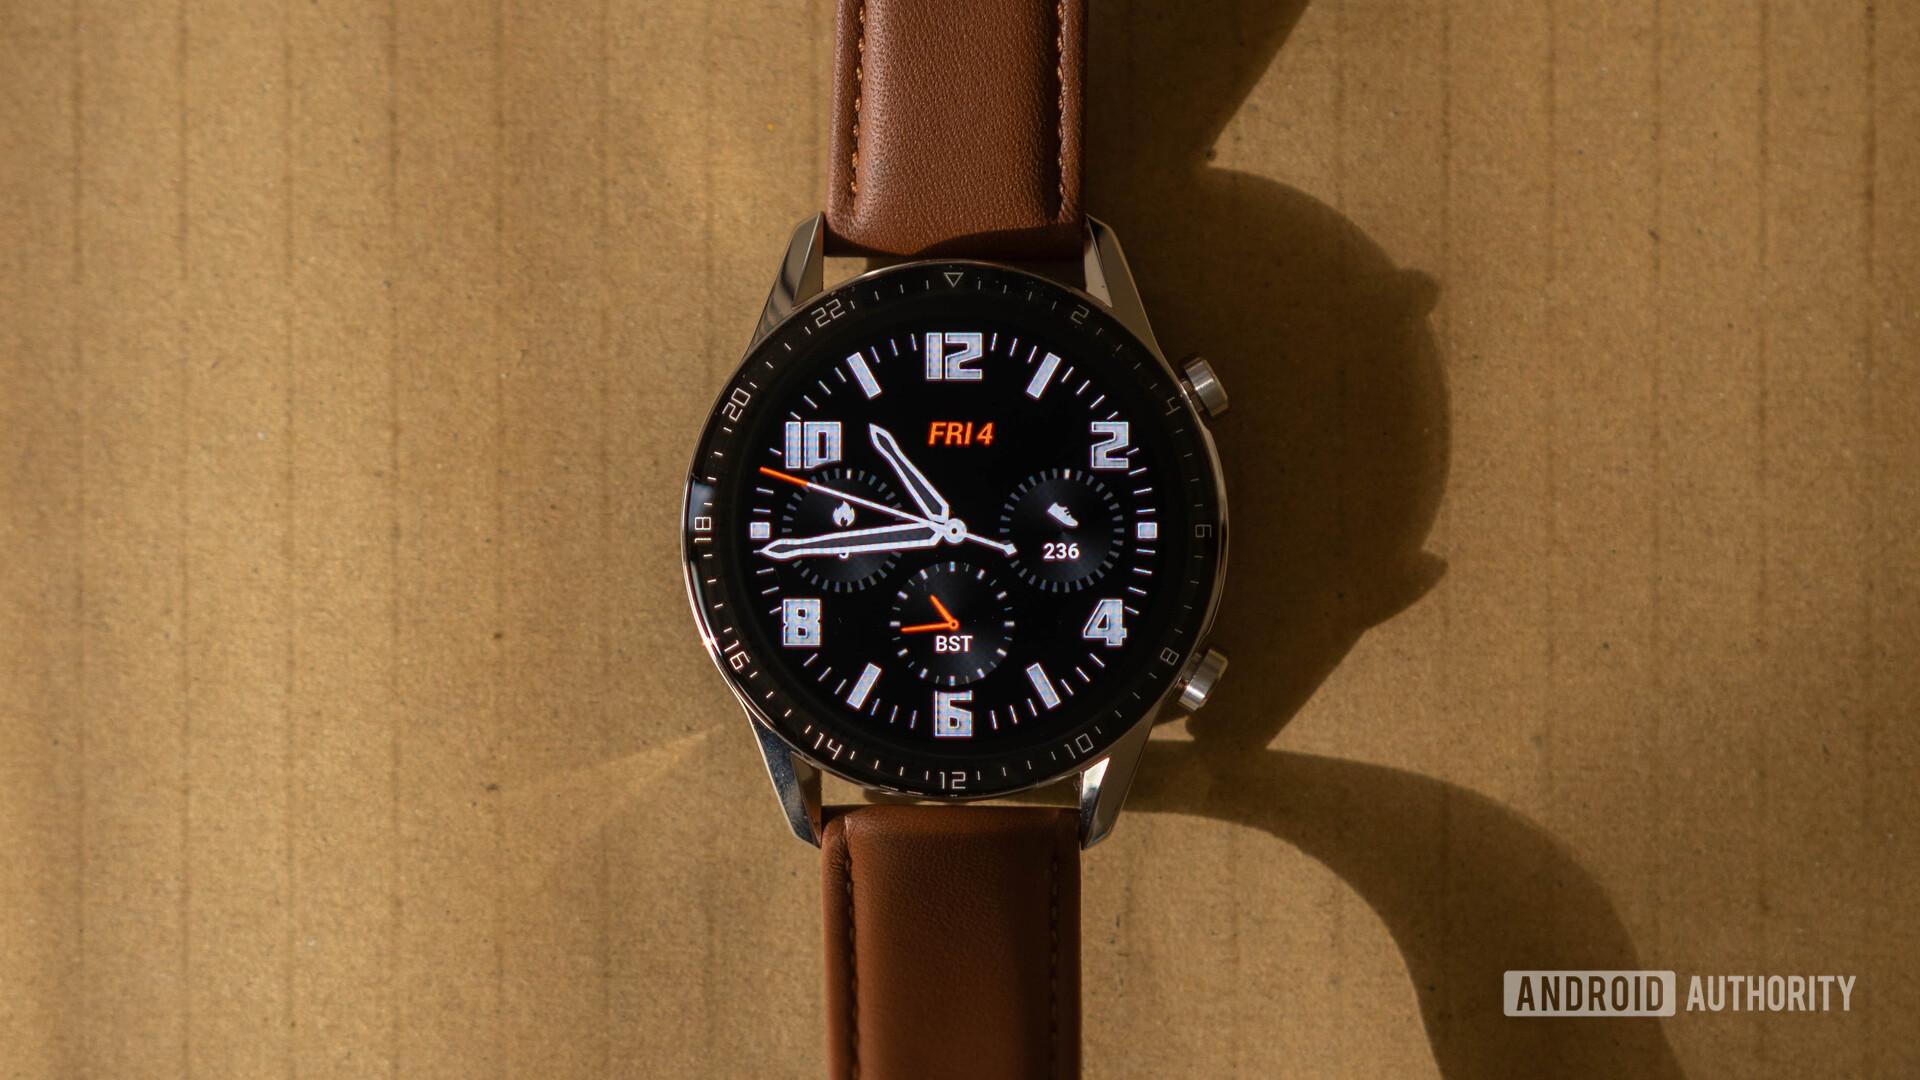 Huawei Watch GT 2 Watch face